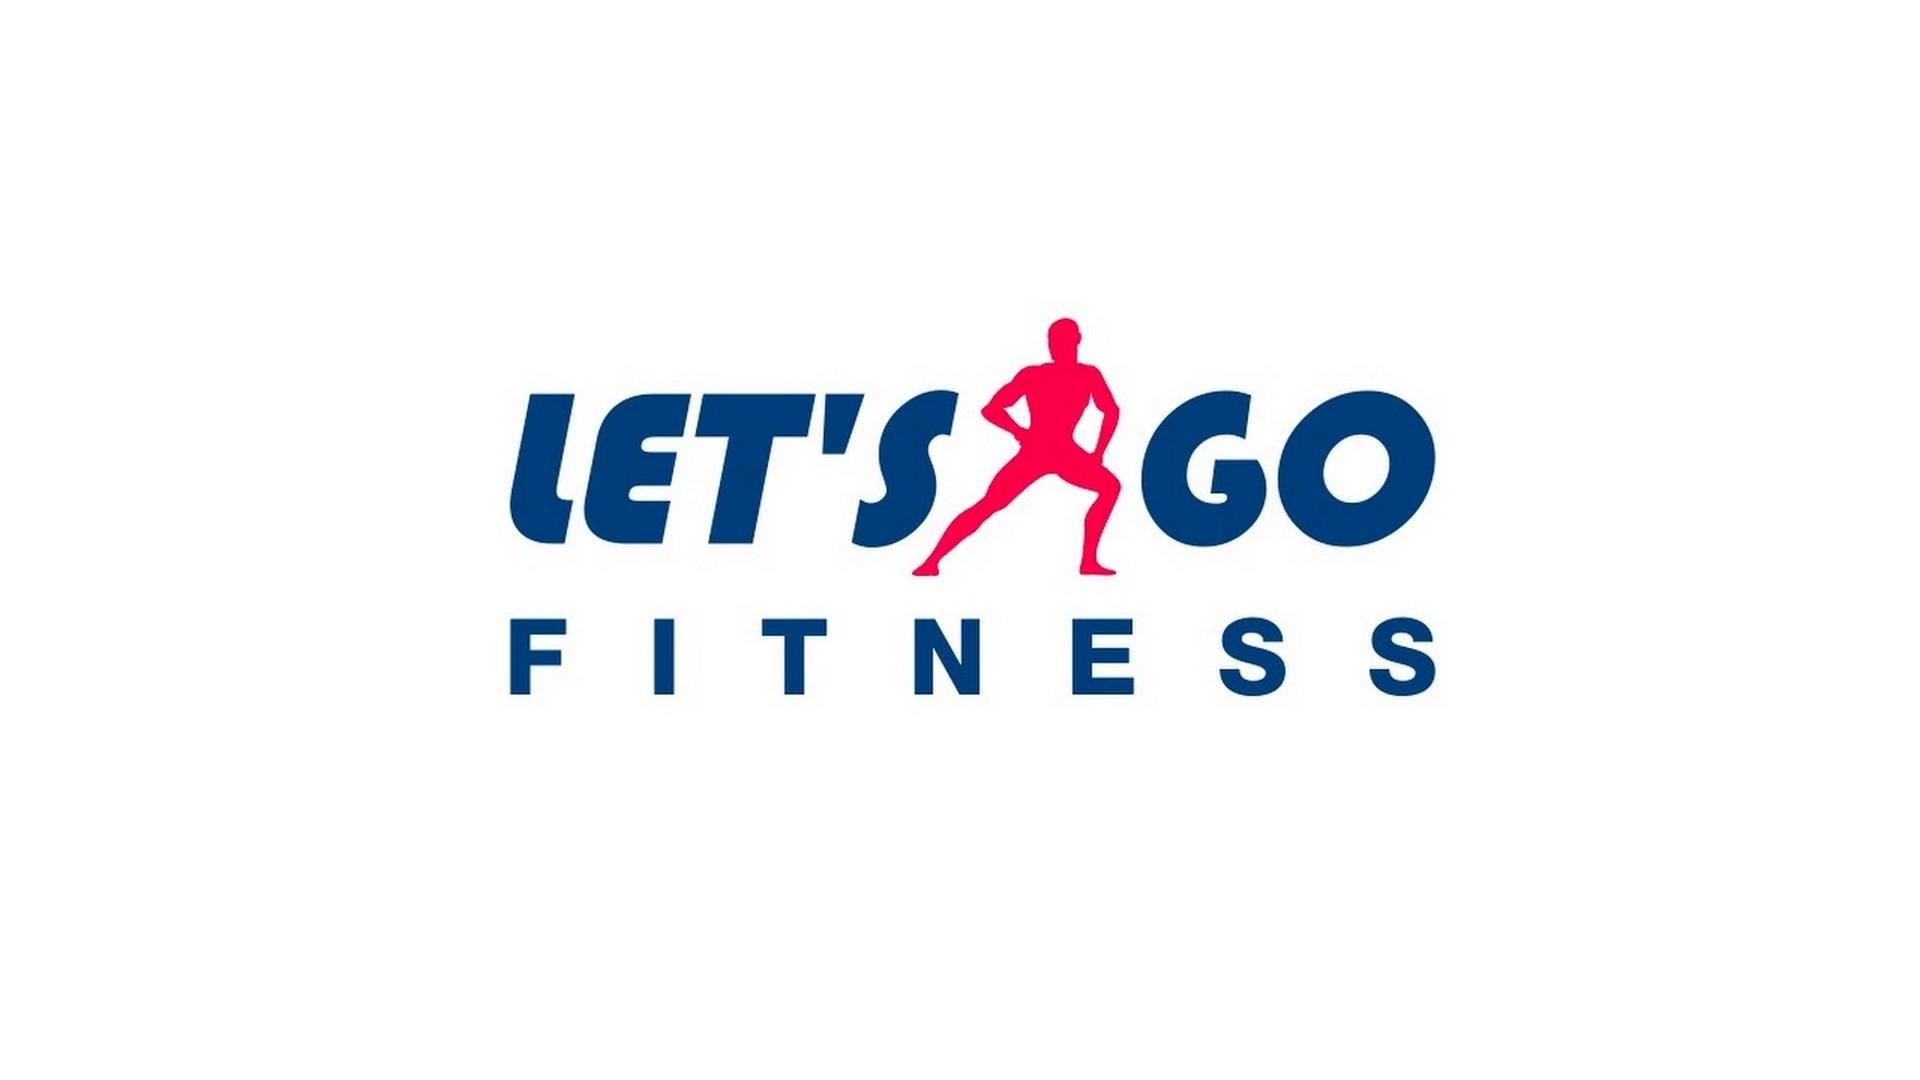 Fitness- Let's go Fitness (1) logo